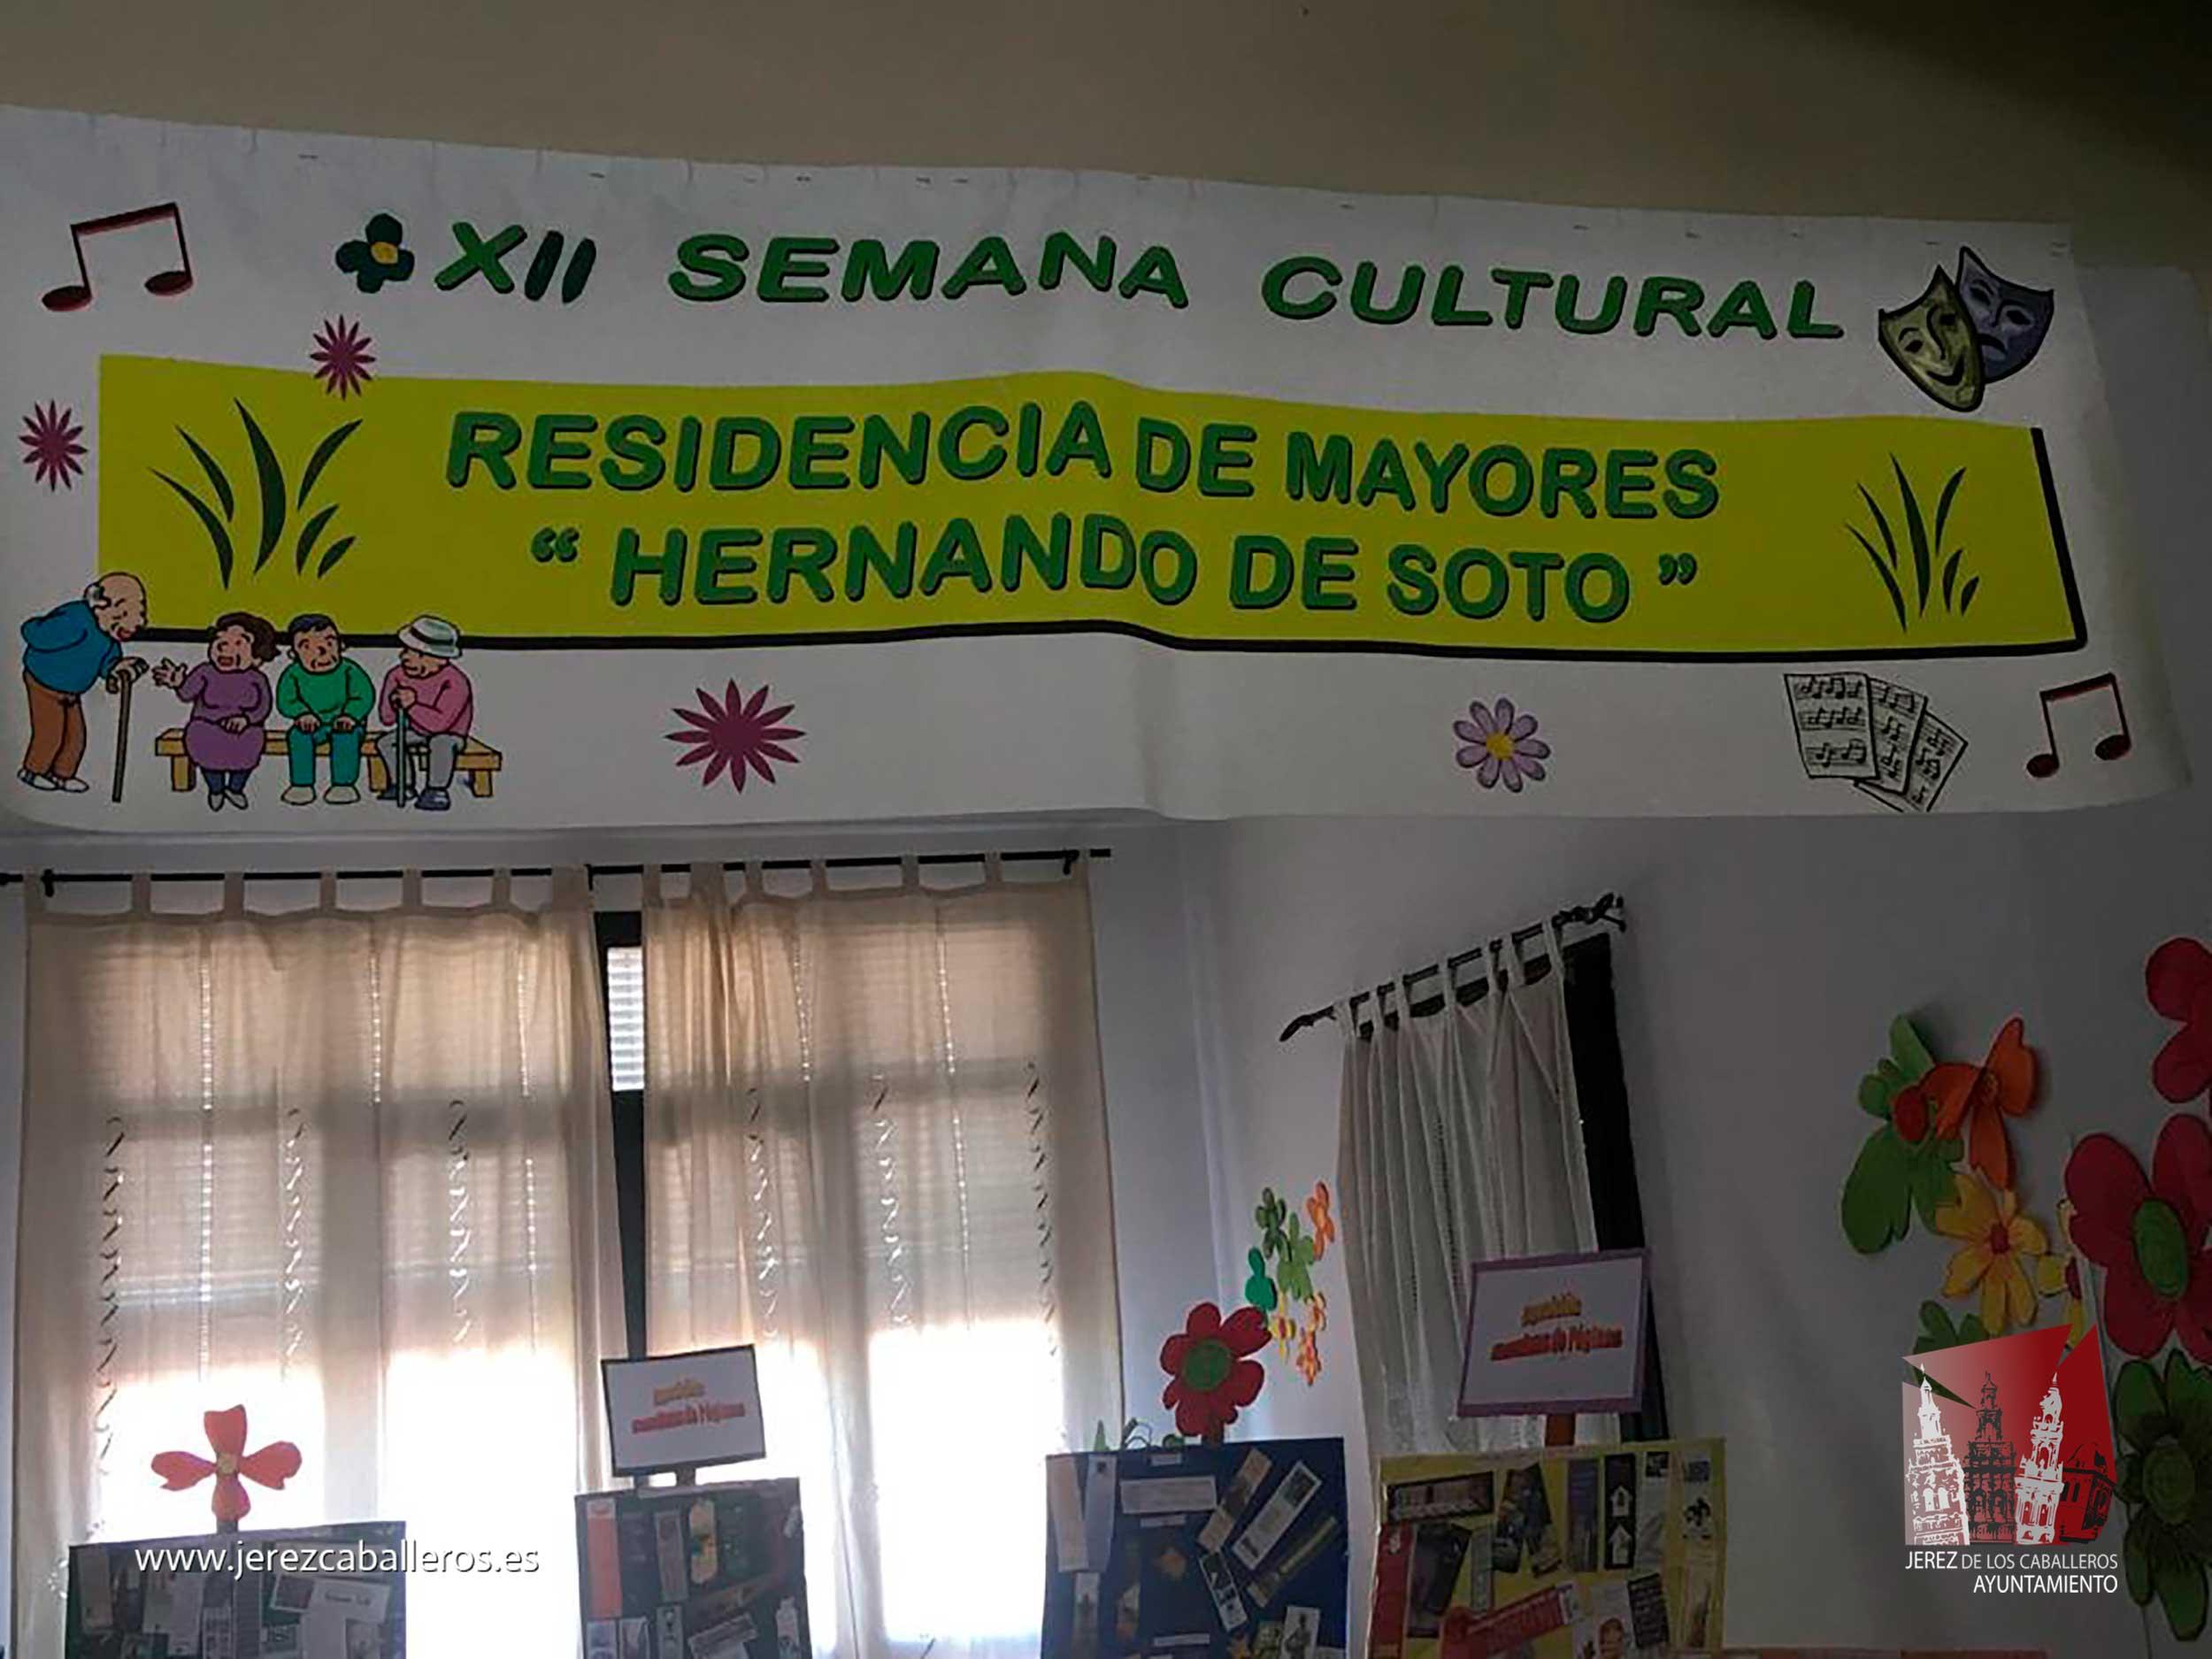 La Residencia Hernando de Soto celebra su XII Semana Cultural, con exposiciones, visitas turísticas o actuaciones musicales entre otras actividades